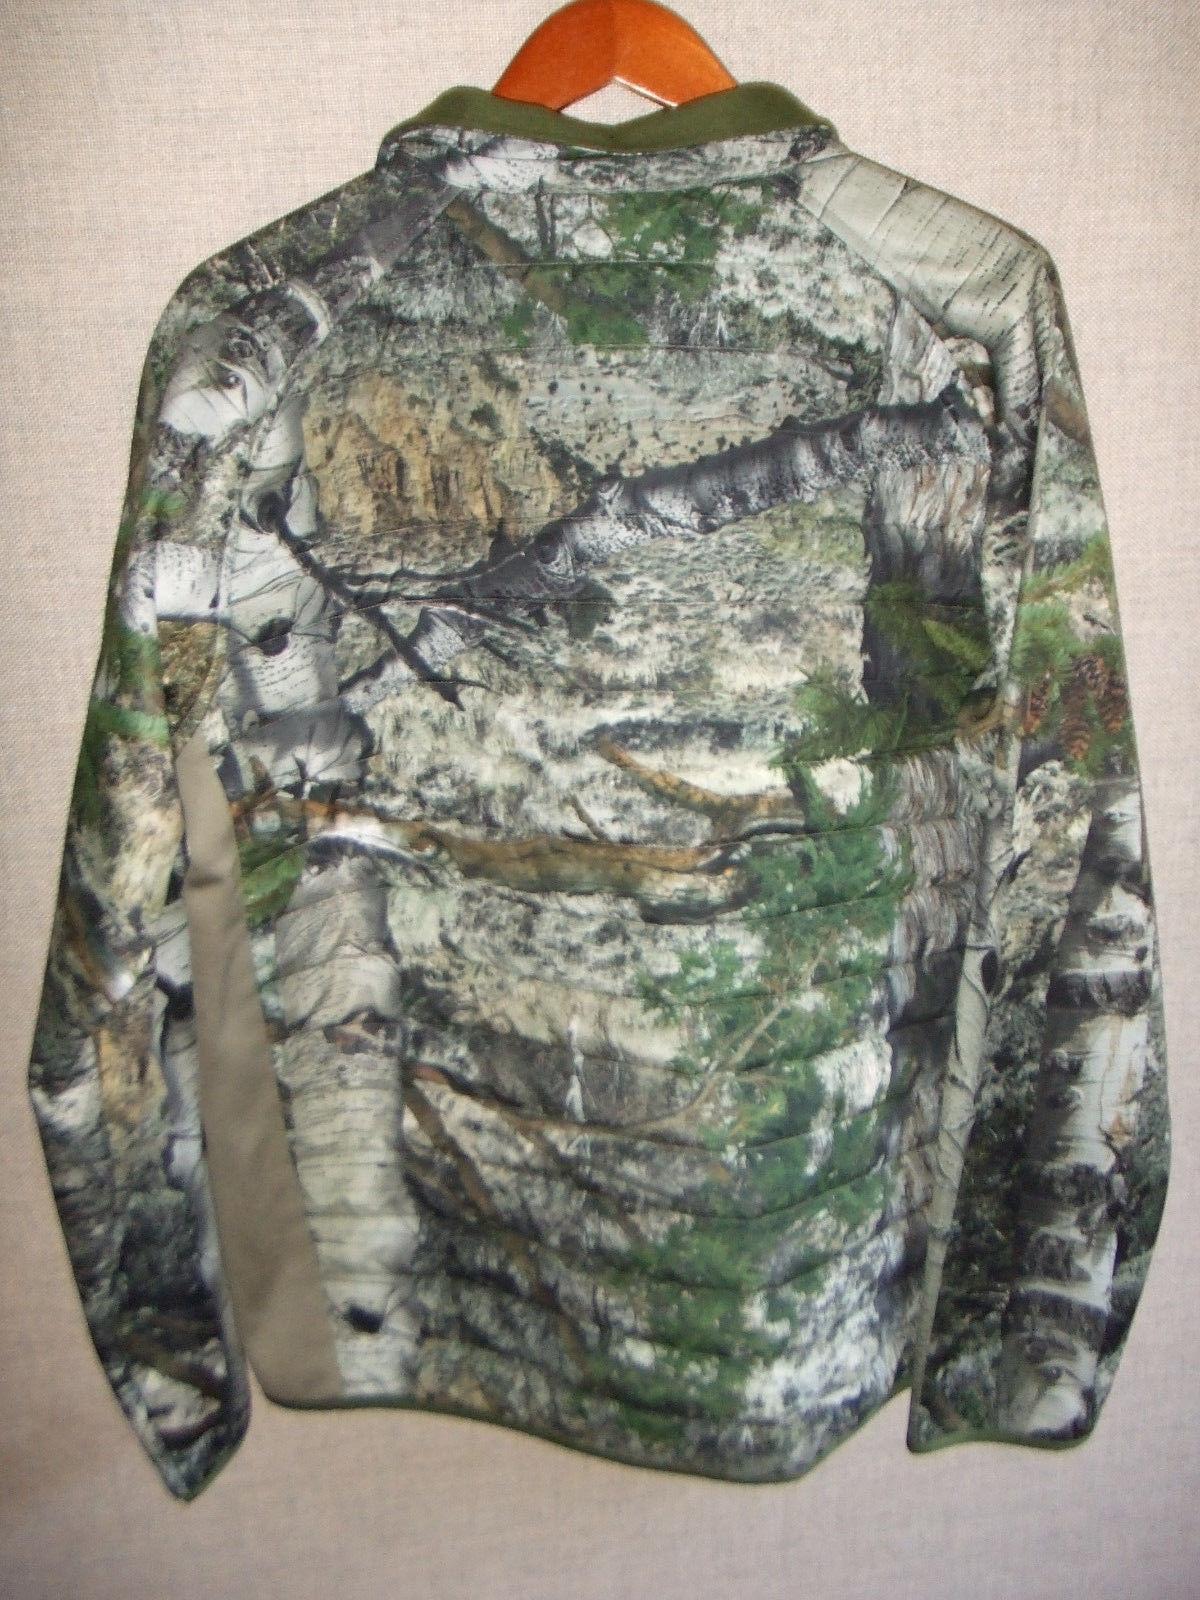 Mossy Yukon L sz Body Heat Jacket